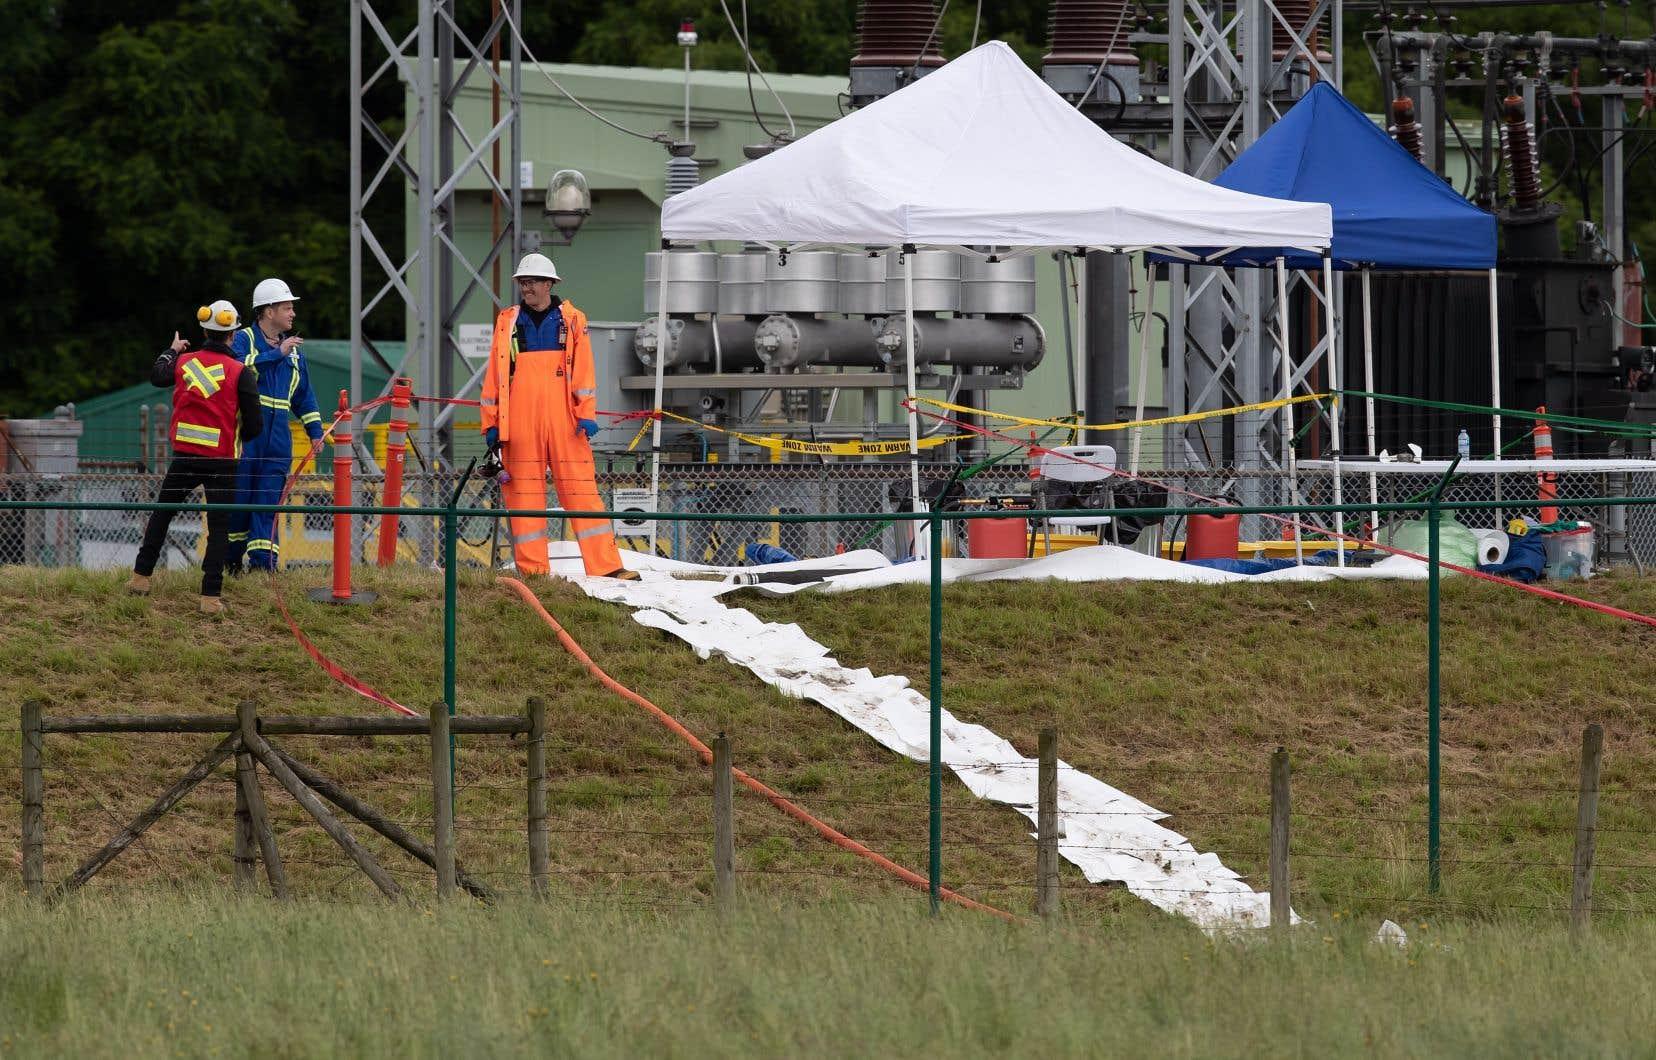 Trans Mountain dit que le déversement s'est limité au terrain appartenant à l'entreprise. Le pétrole a été récupéré, et il sera éliminé dans des installations approuvées.